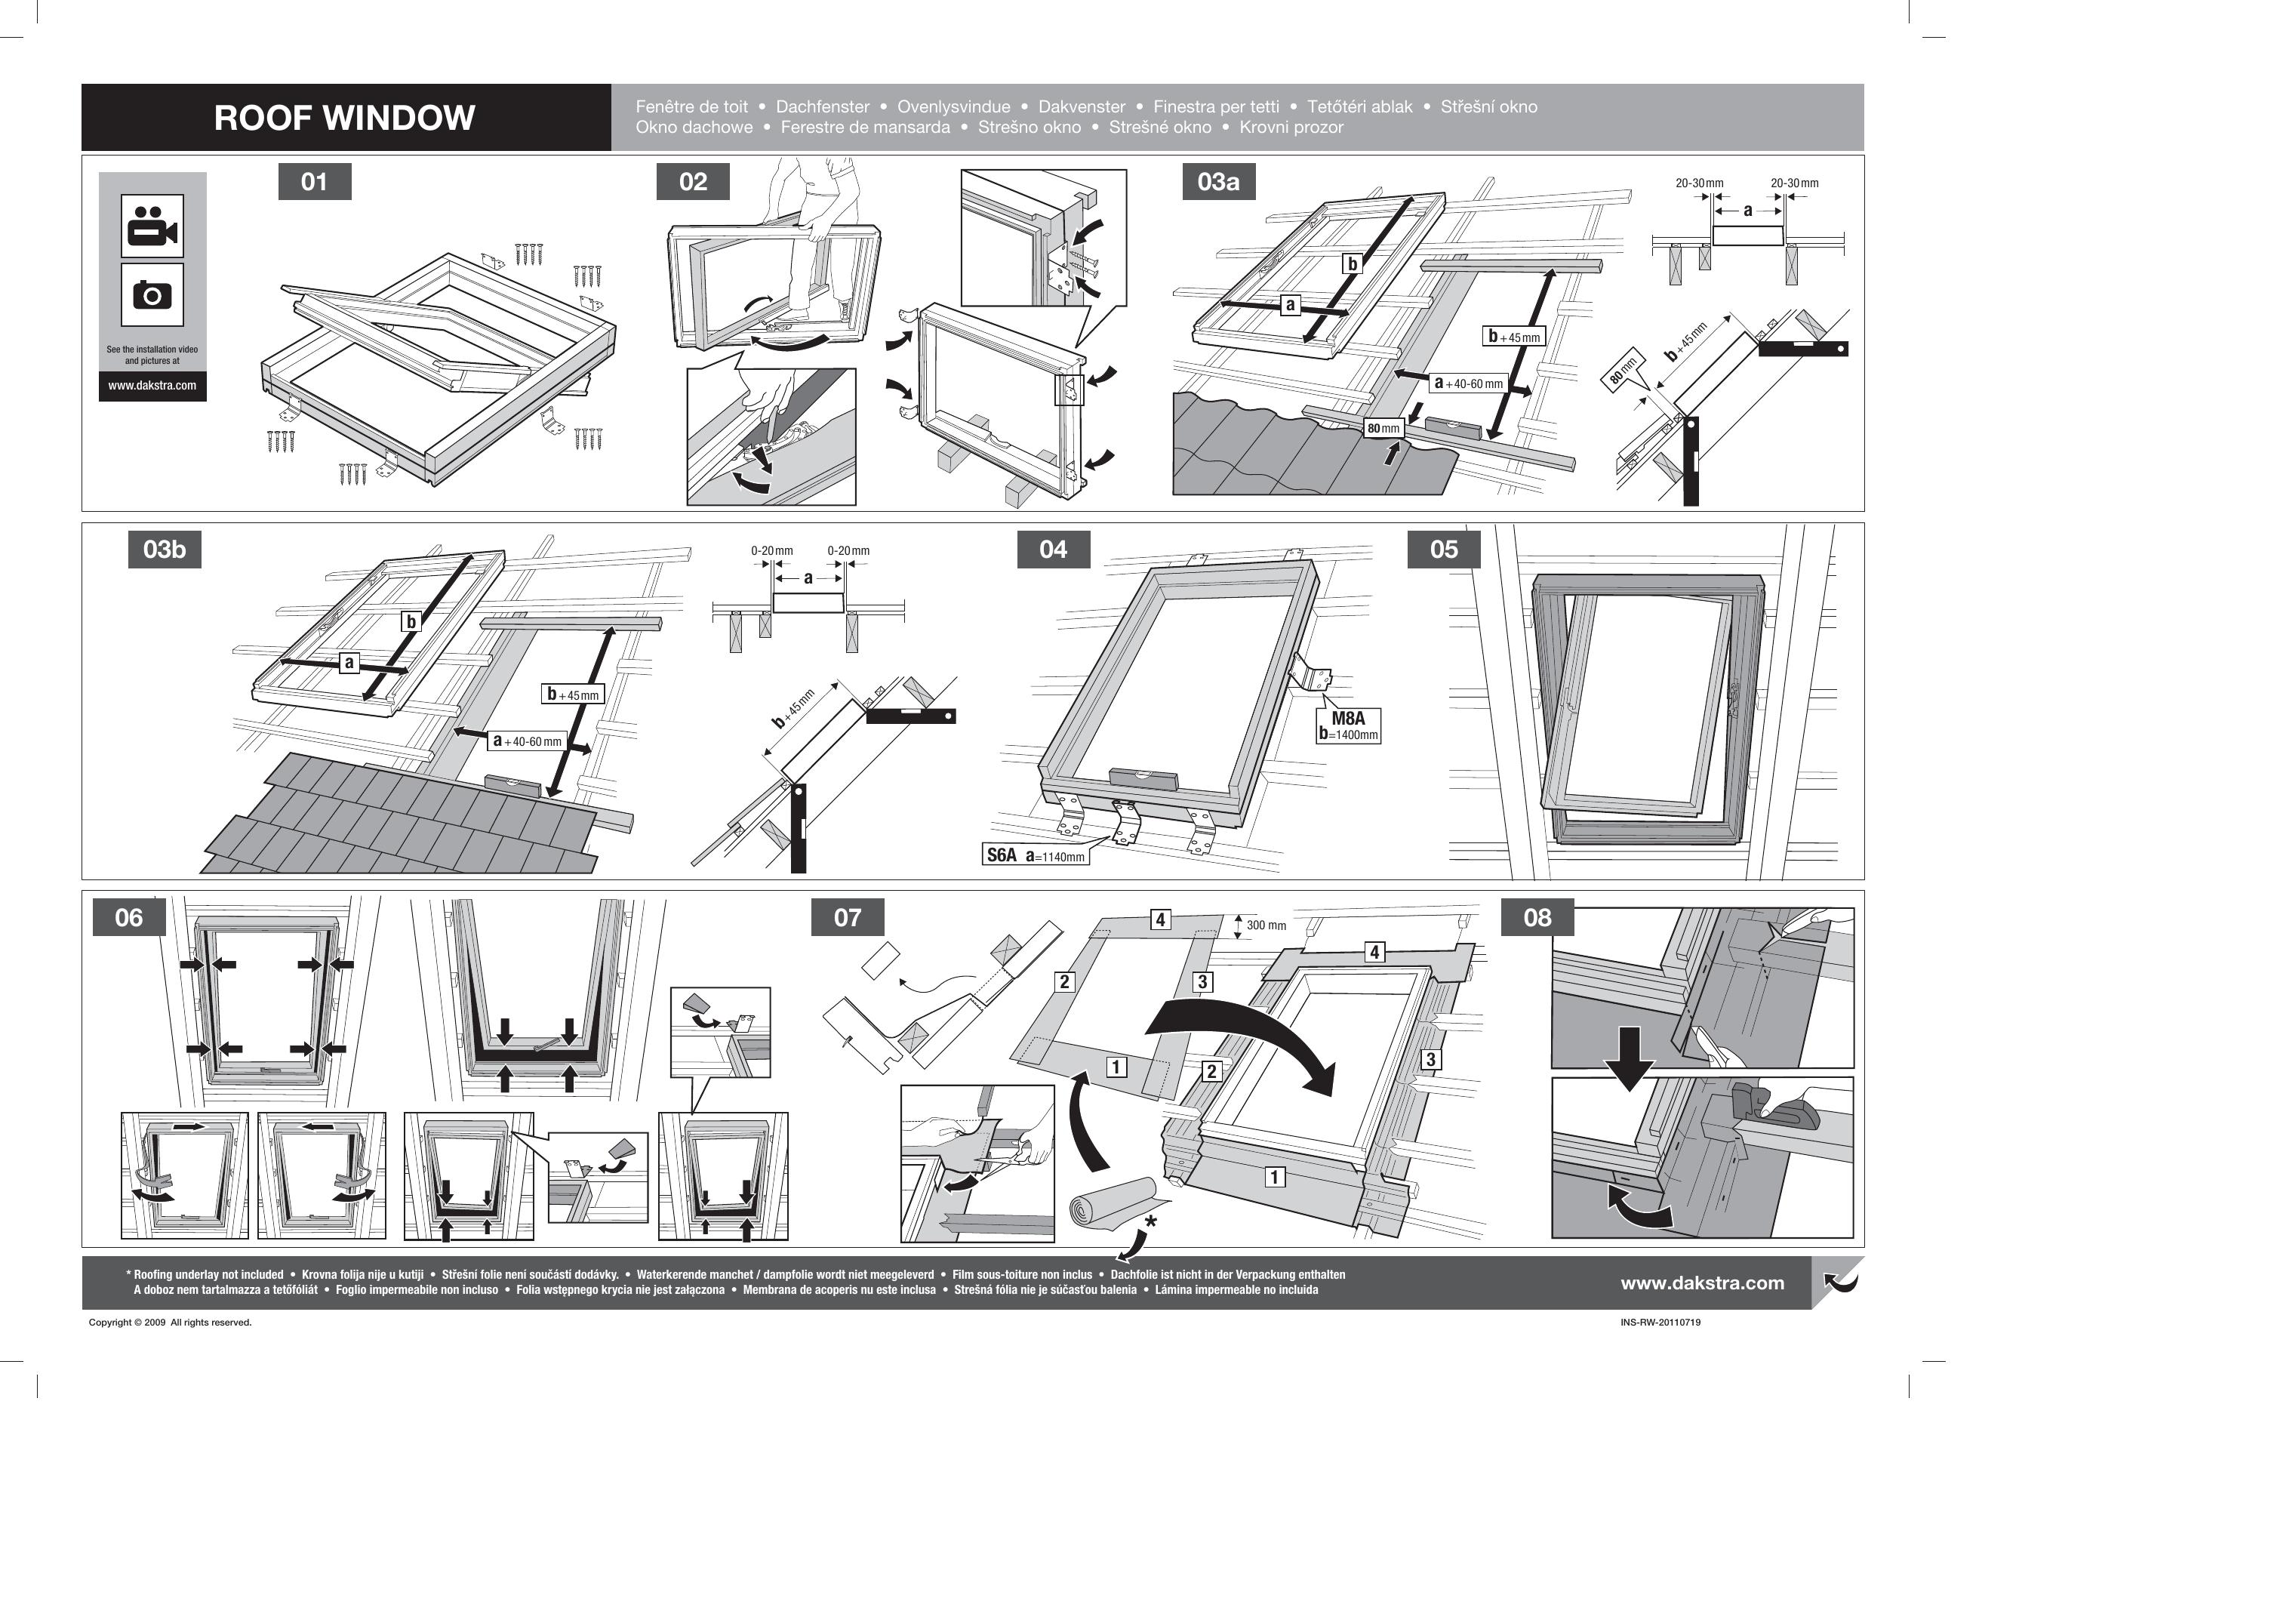 Castorama Fenetre De Toit A Rotation Luminatec Double Vitrage Bois 78 X H 98 Cm User Guide Manualzz